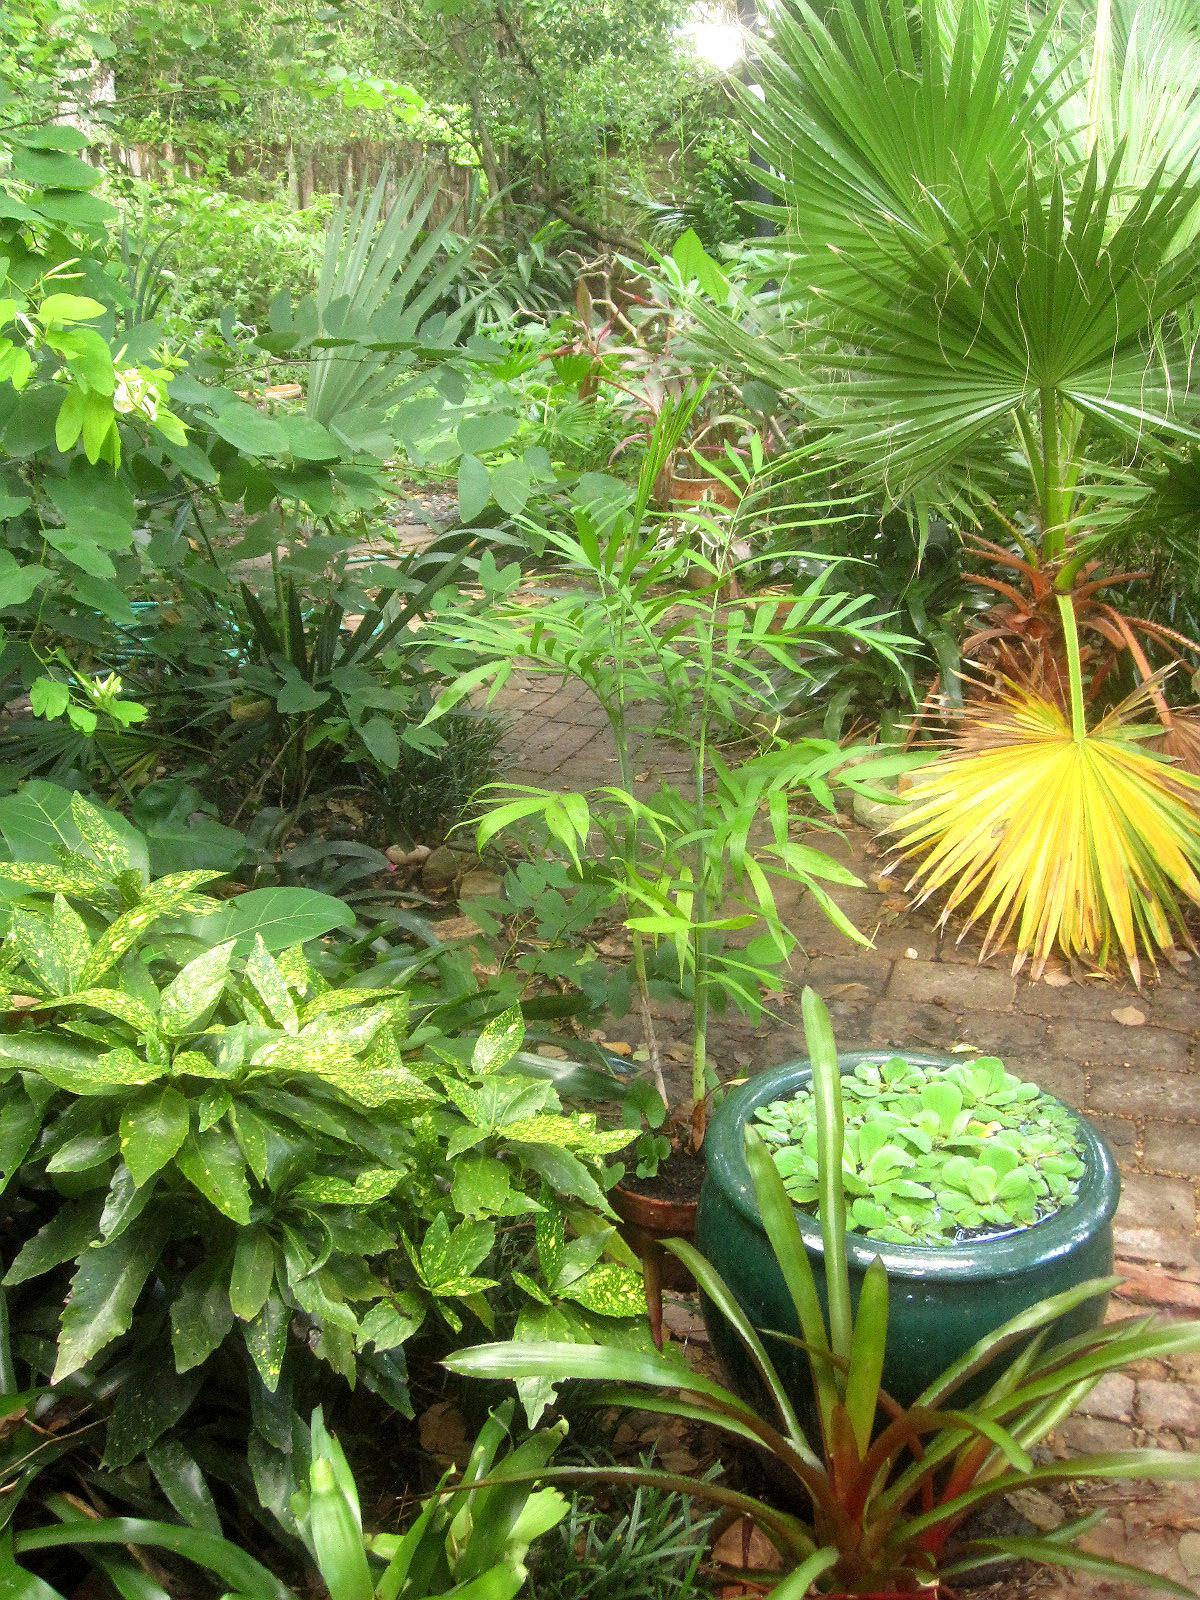 Tropical Texana: GARDEN BOOK REVIEW: THE TROPICAL GARDEN ...